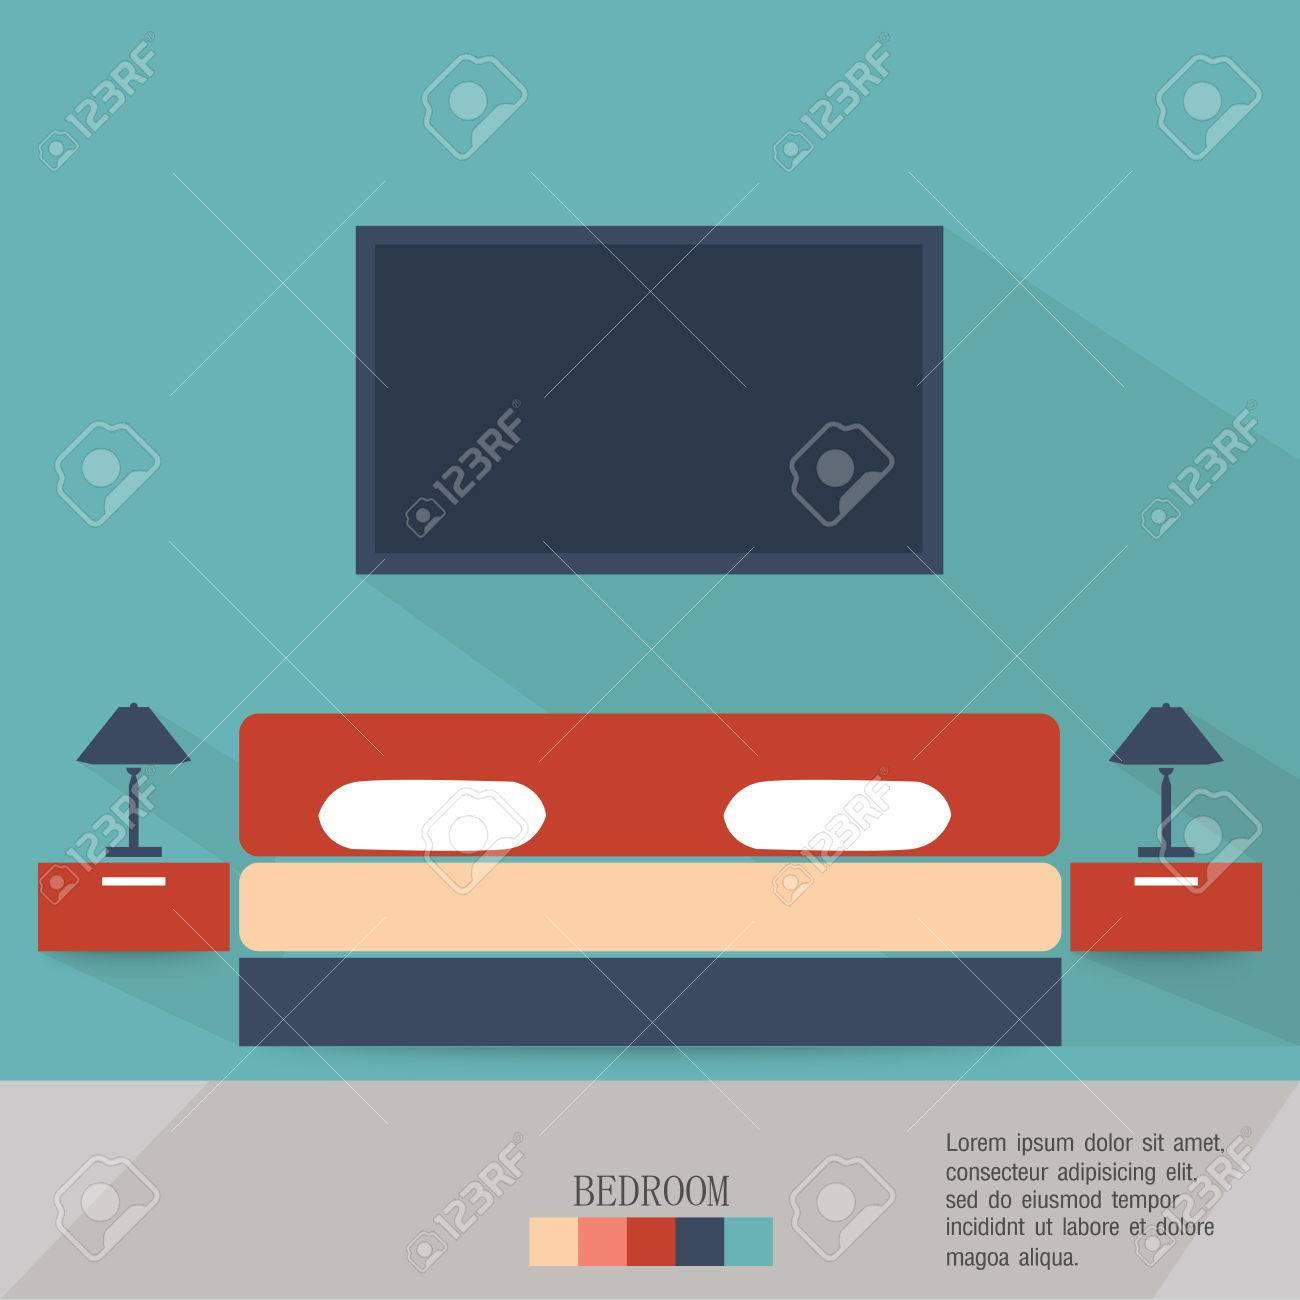 Increíble Muebles De Doble Beddresser Inspiración - Muebles Para ...